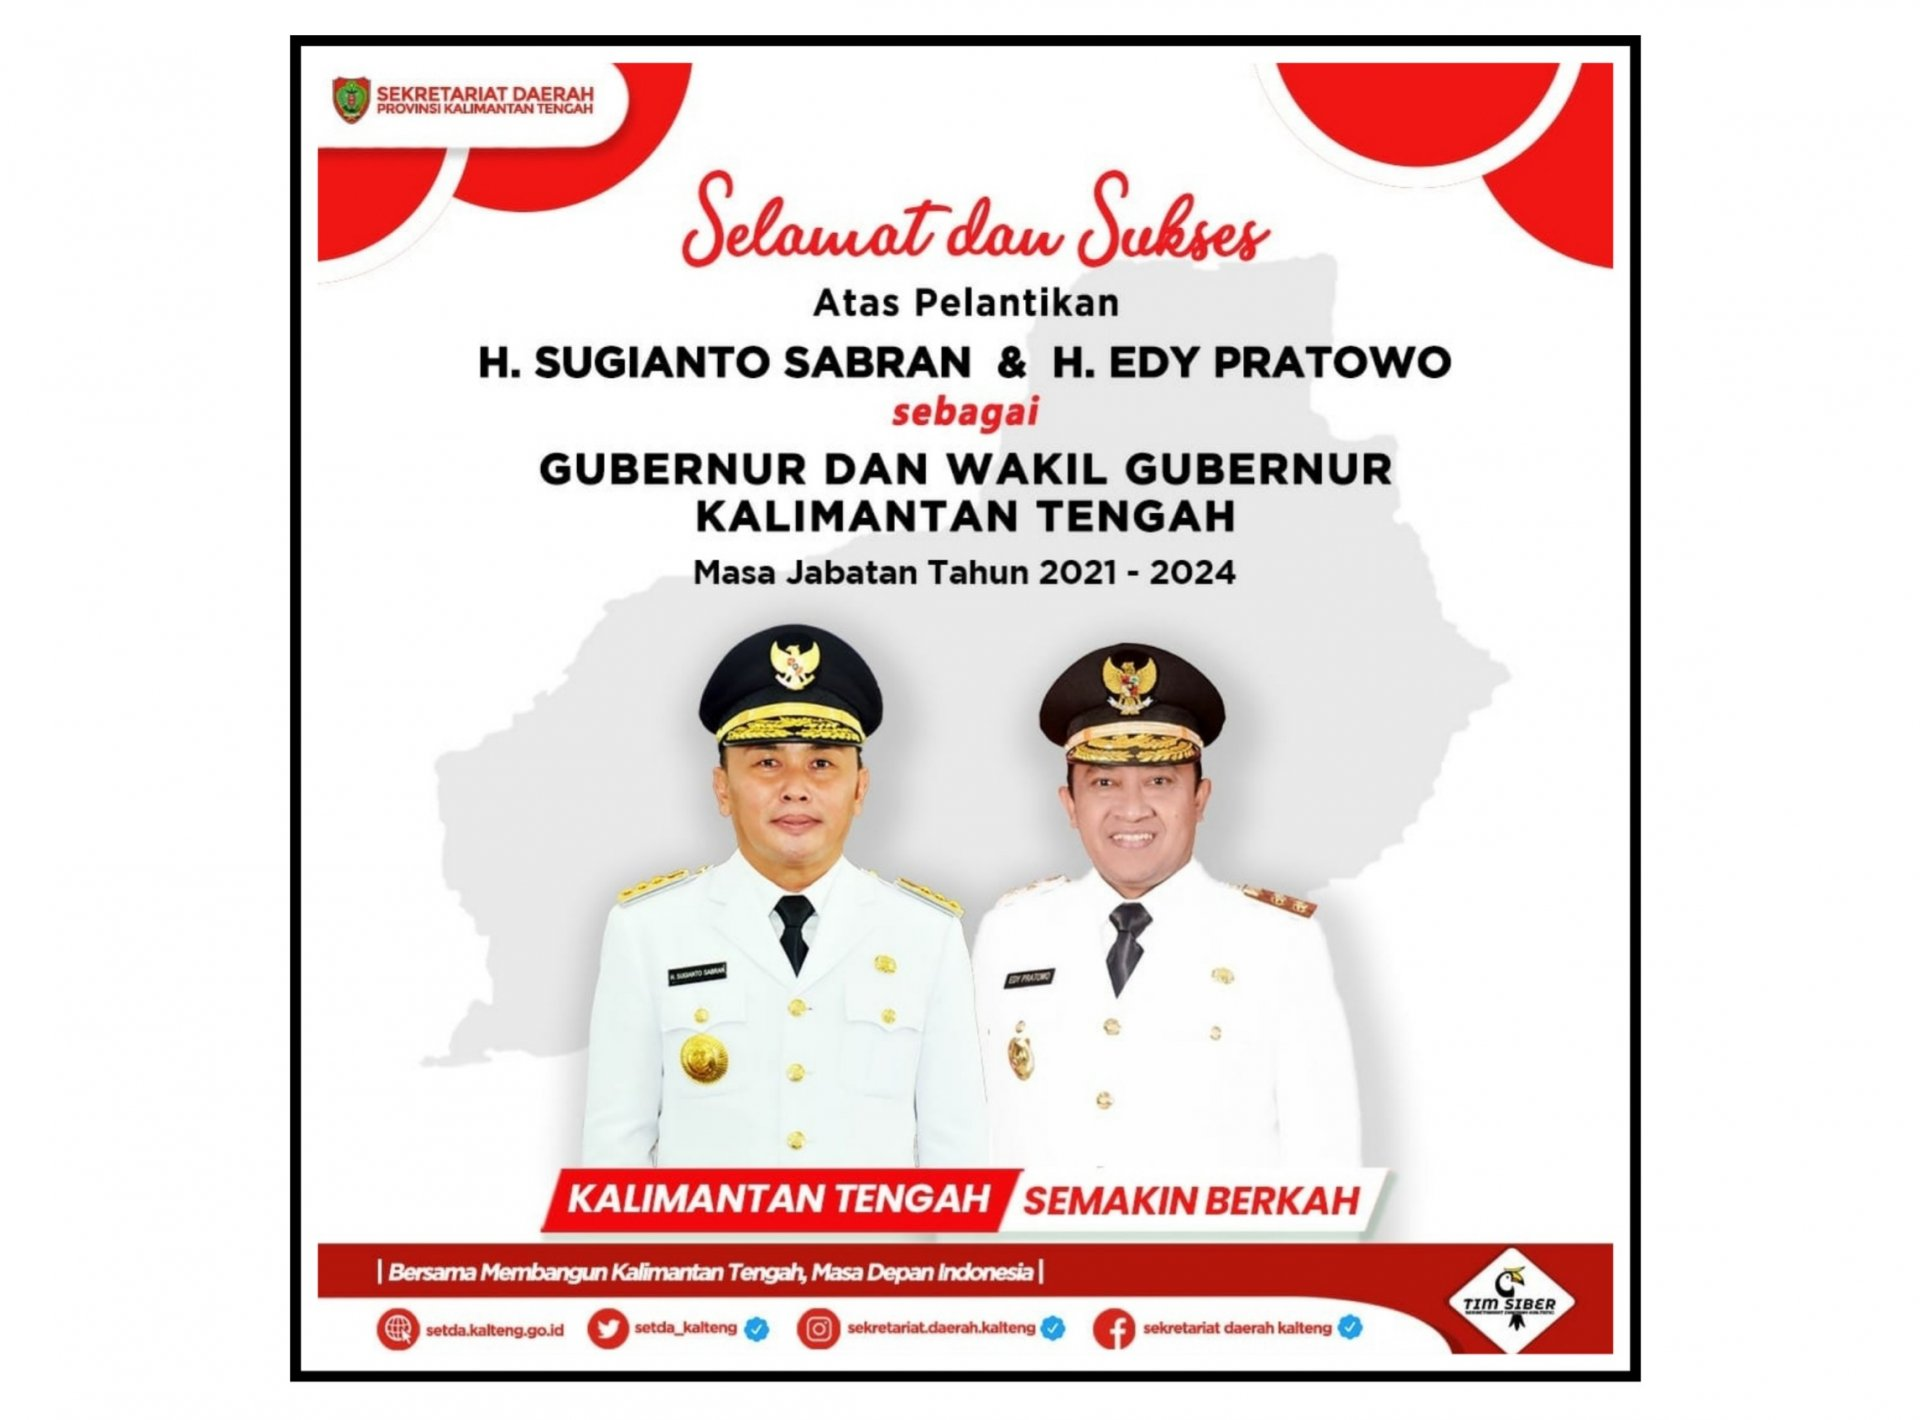 Selamat dan Sukses Atas Pelantikan H. Sugianto Sabran dan H. Edy Pratowo Sebagai Gubernur dan Wakil Gubernur Kalimantan Tengah 2021-2024